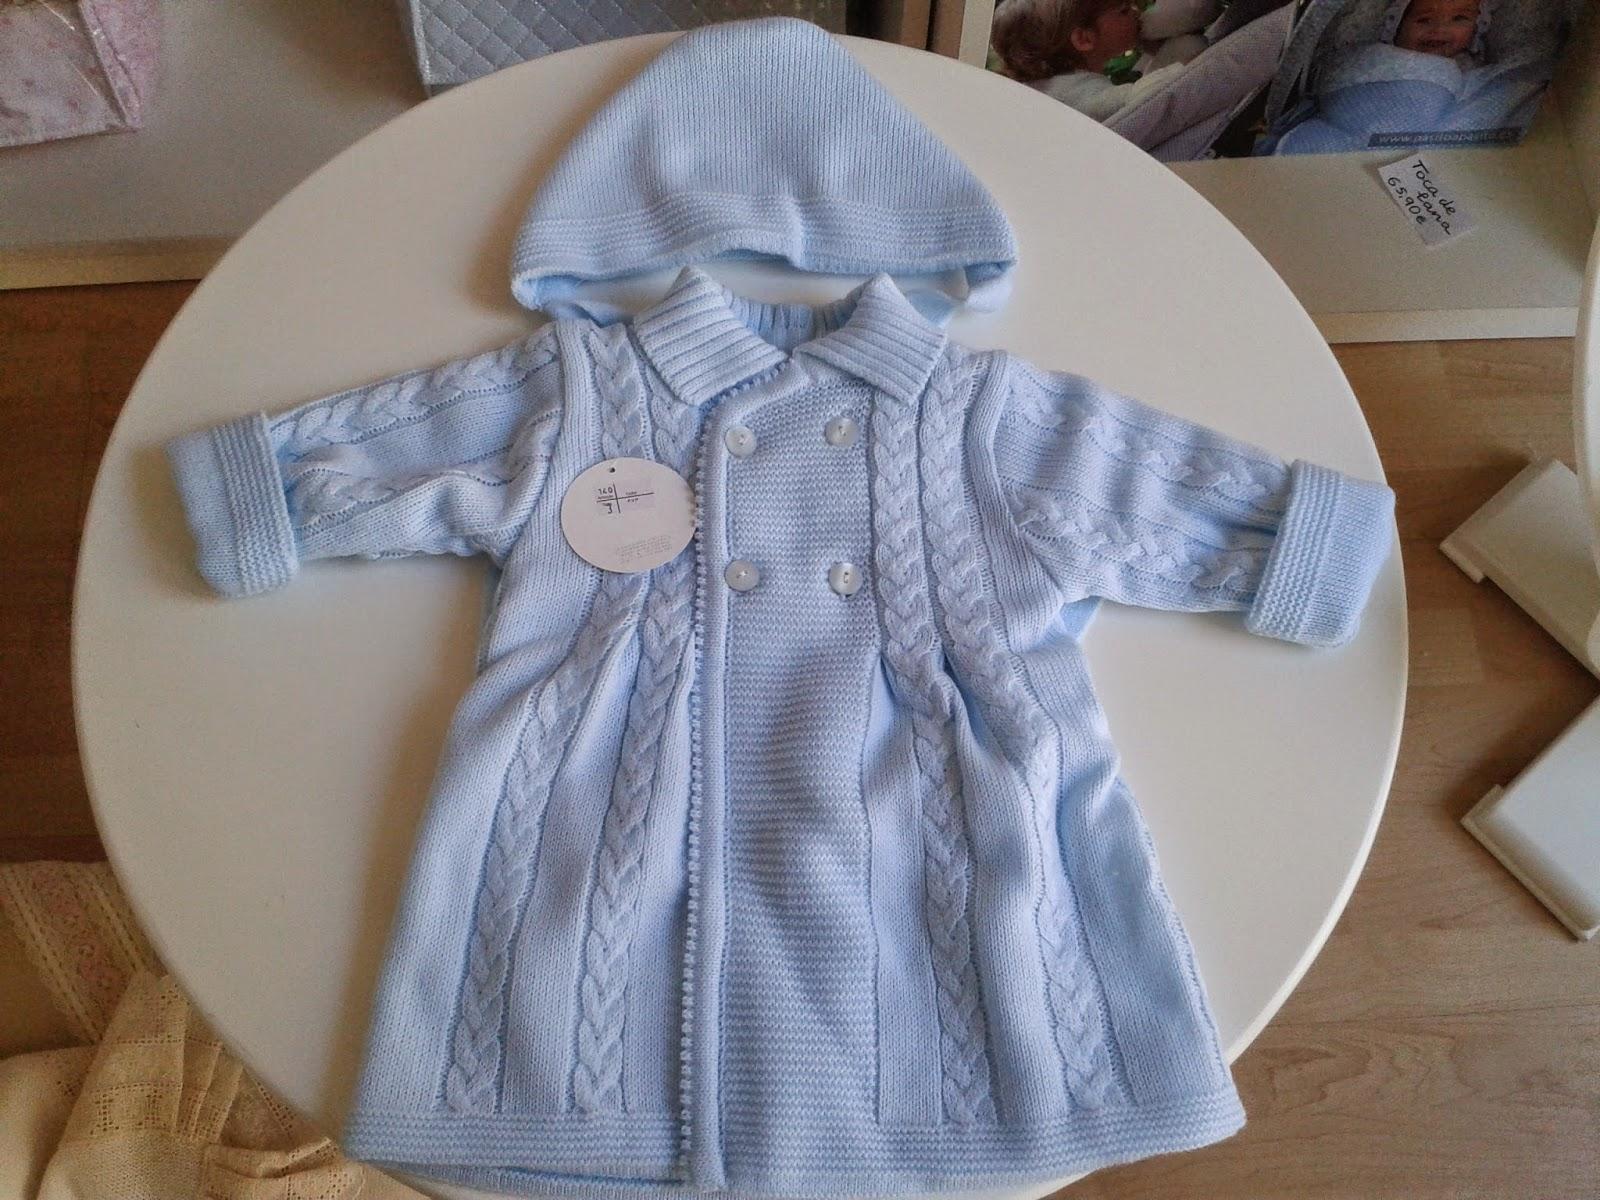 082b78620de Lazos Bebés  Abrigo bebé lana invierno. Canastilla bebé